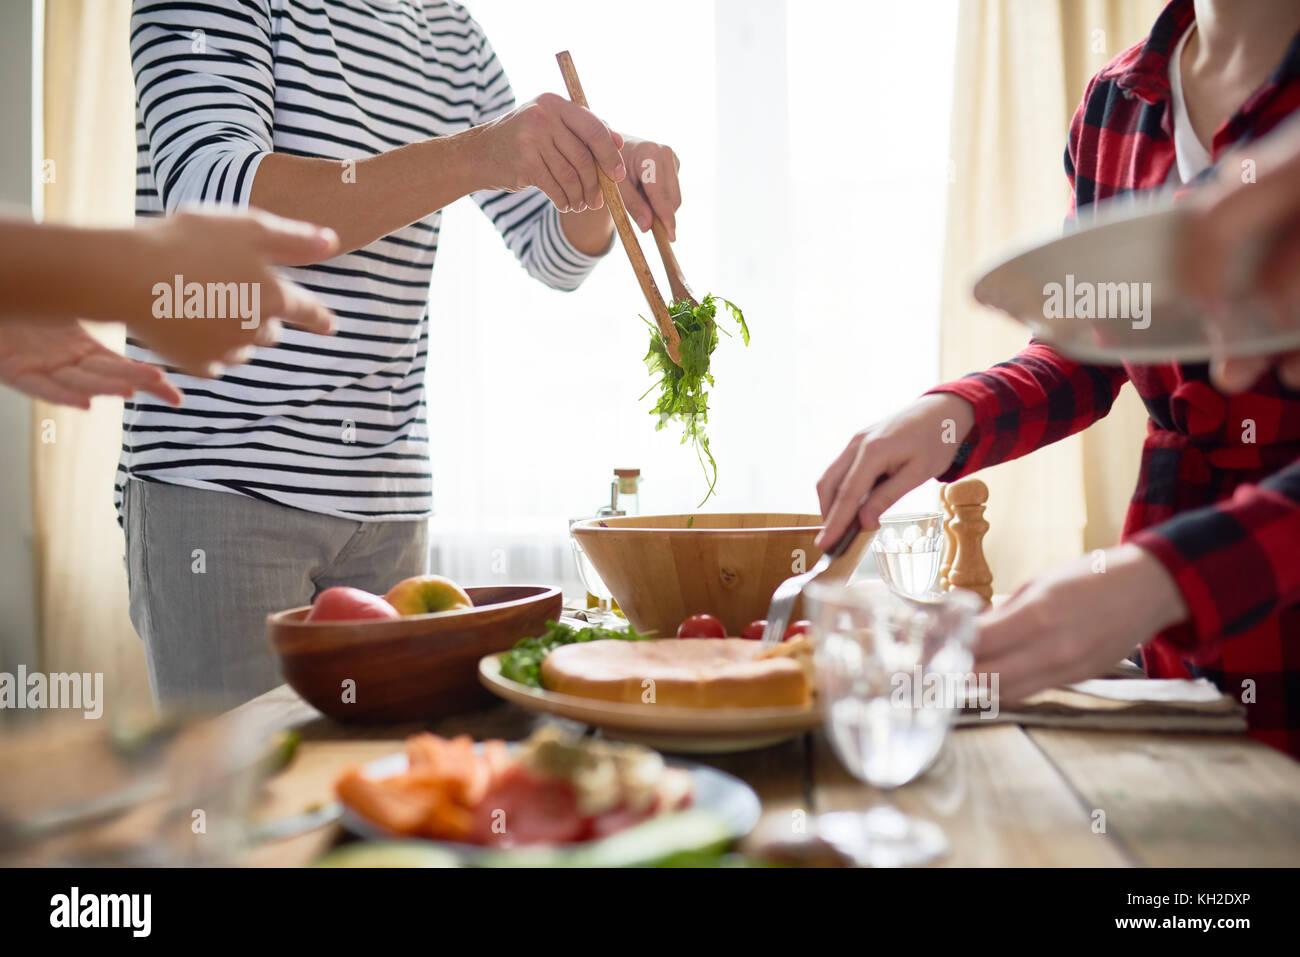 Seitenansicht mi-Teil der Gruppe von Personen bei festlichen Abendessen Tabelle steht, das hausgemachte Essen auf Stockbild